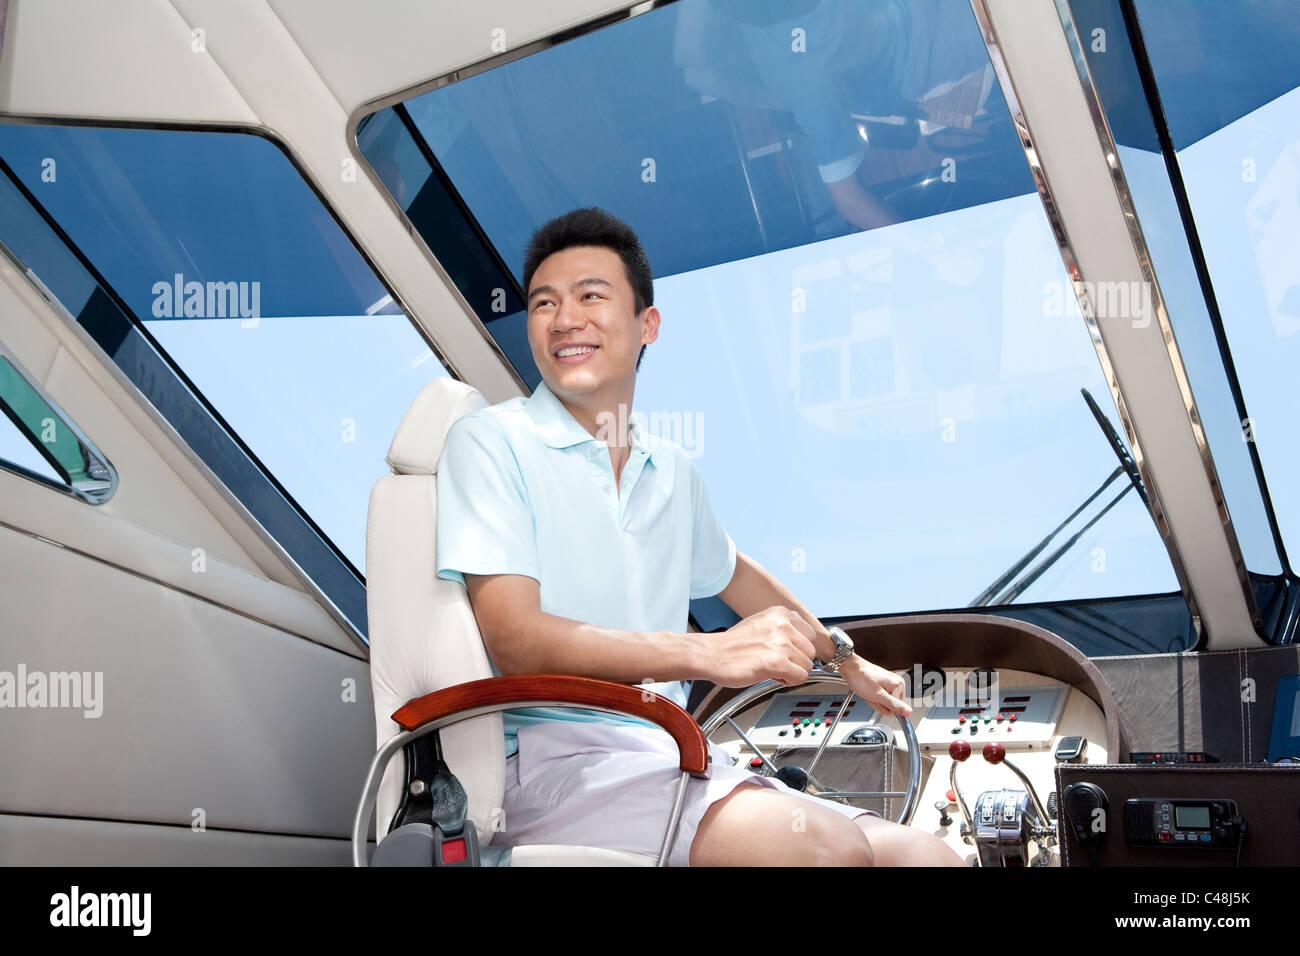 Uomo in un pozzetto di Yacht Immagini Stock